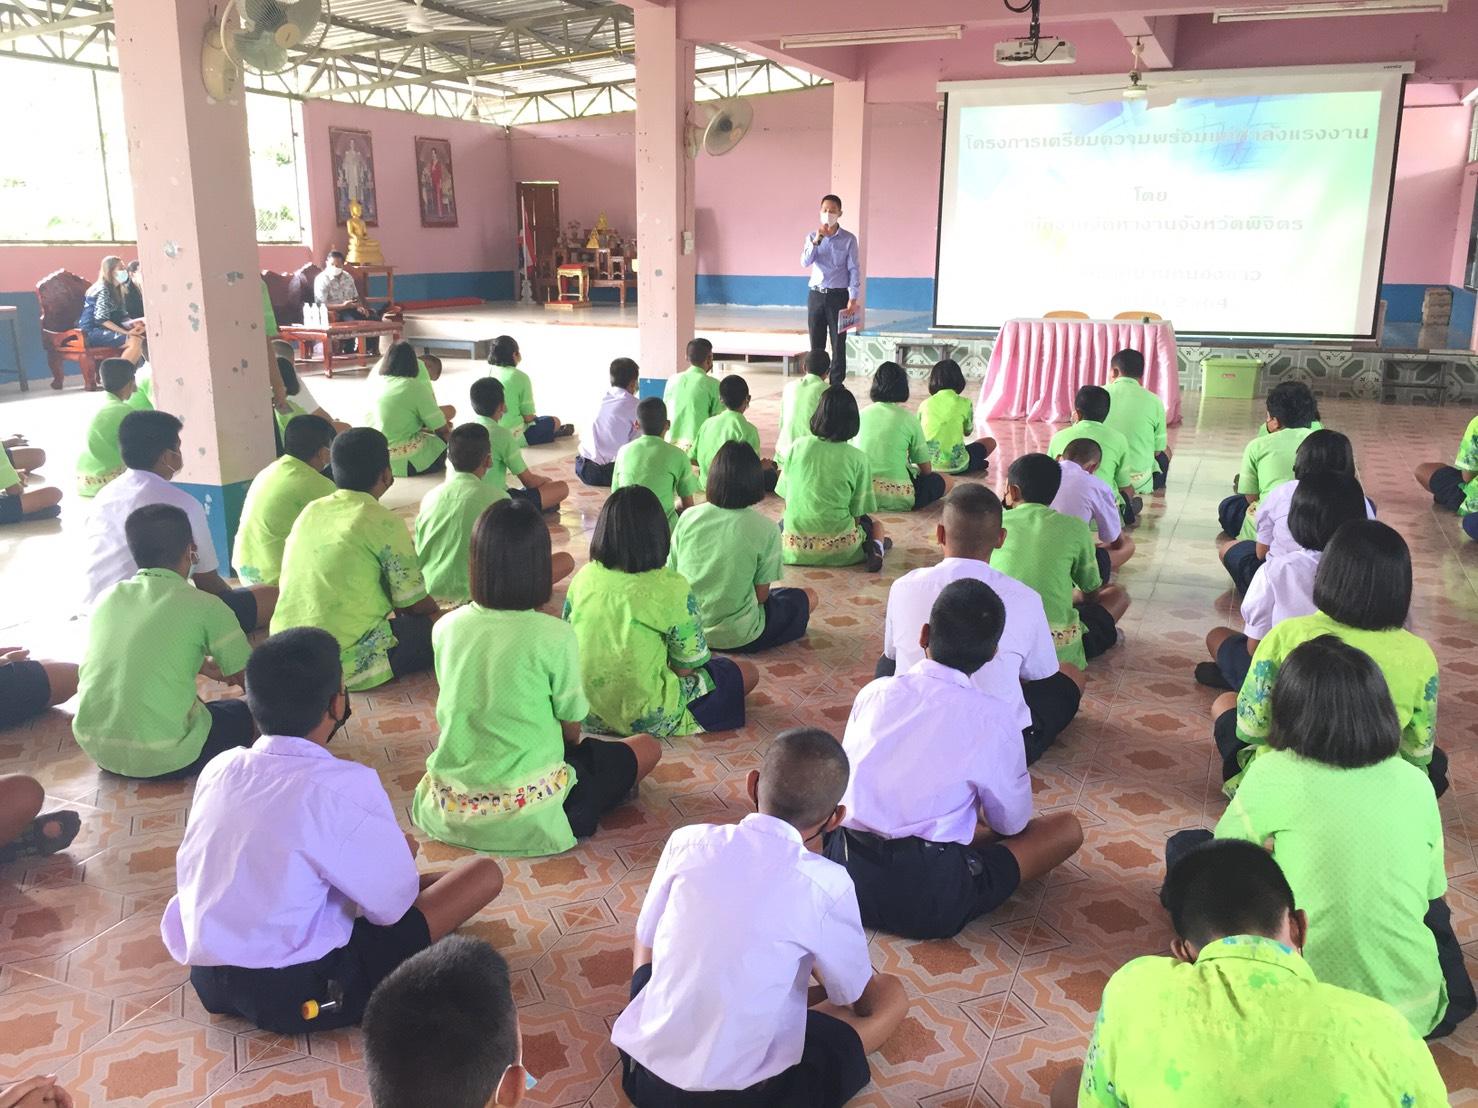 สจจ.ดำเนินกิจกรรมแนะแนวอาชีพให้นักเรียน นักศึกษา ประจำเดือนกรกฎาคม 2564 ในเขตอำเภอวชิรบารมี